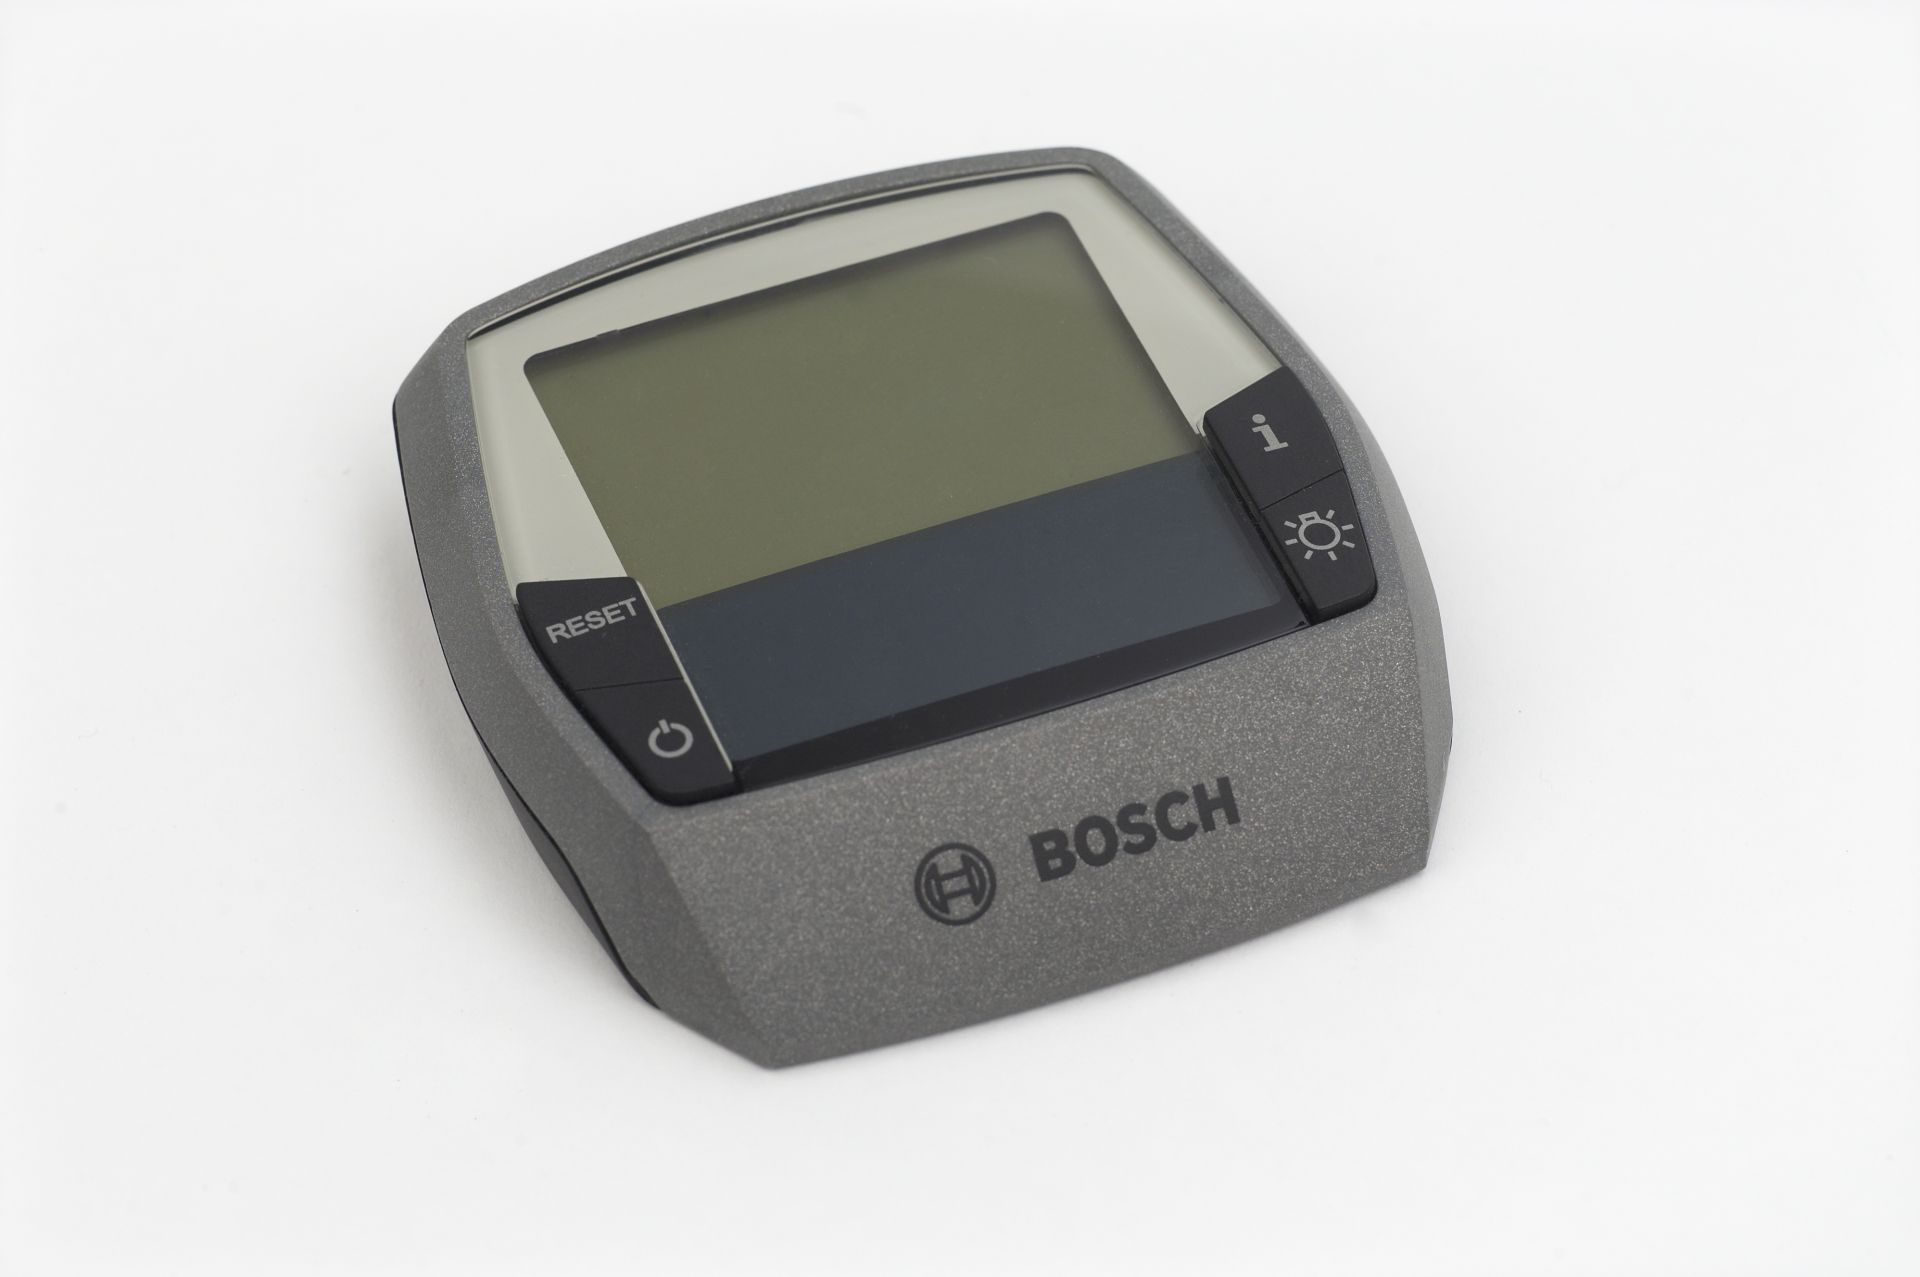 Afficheur Bosch Intuvia Active (Platine)